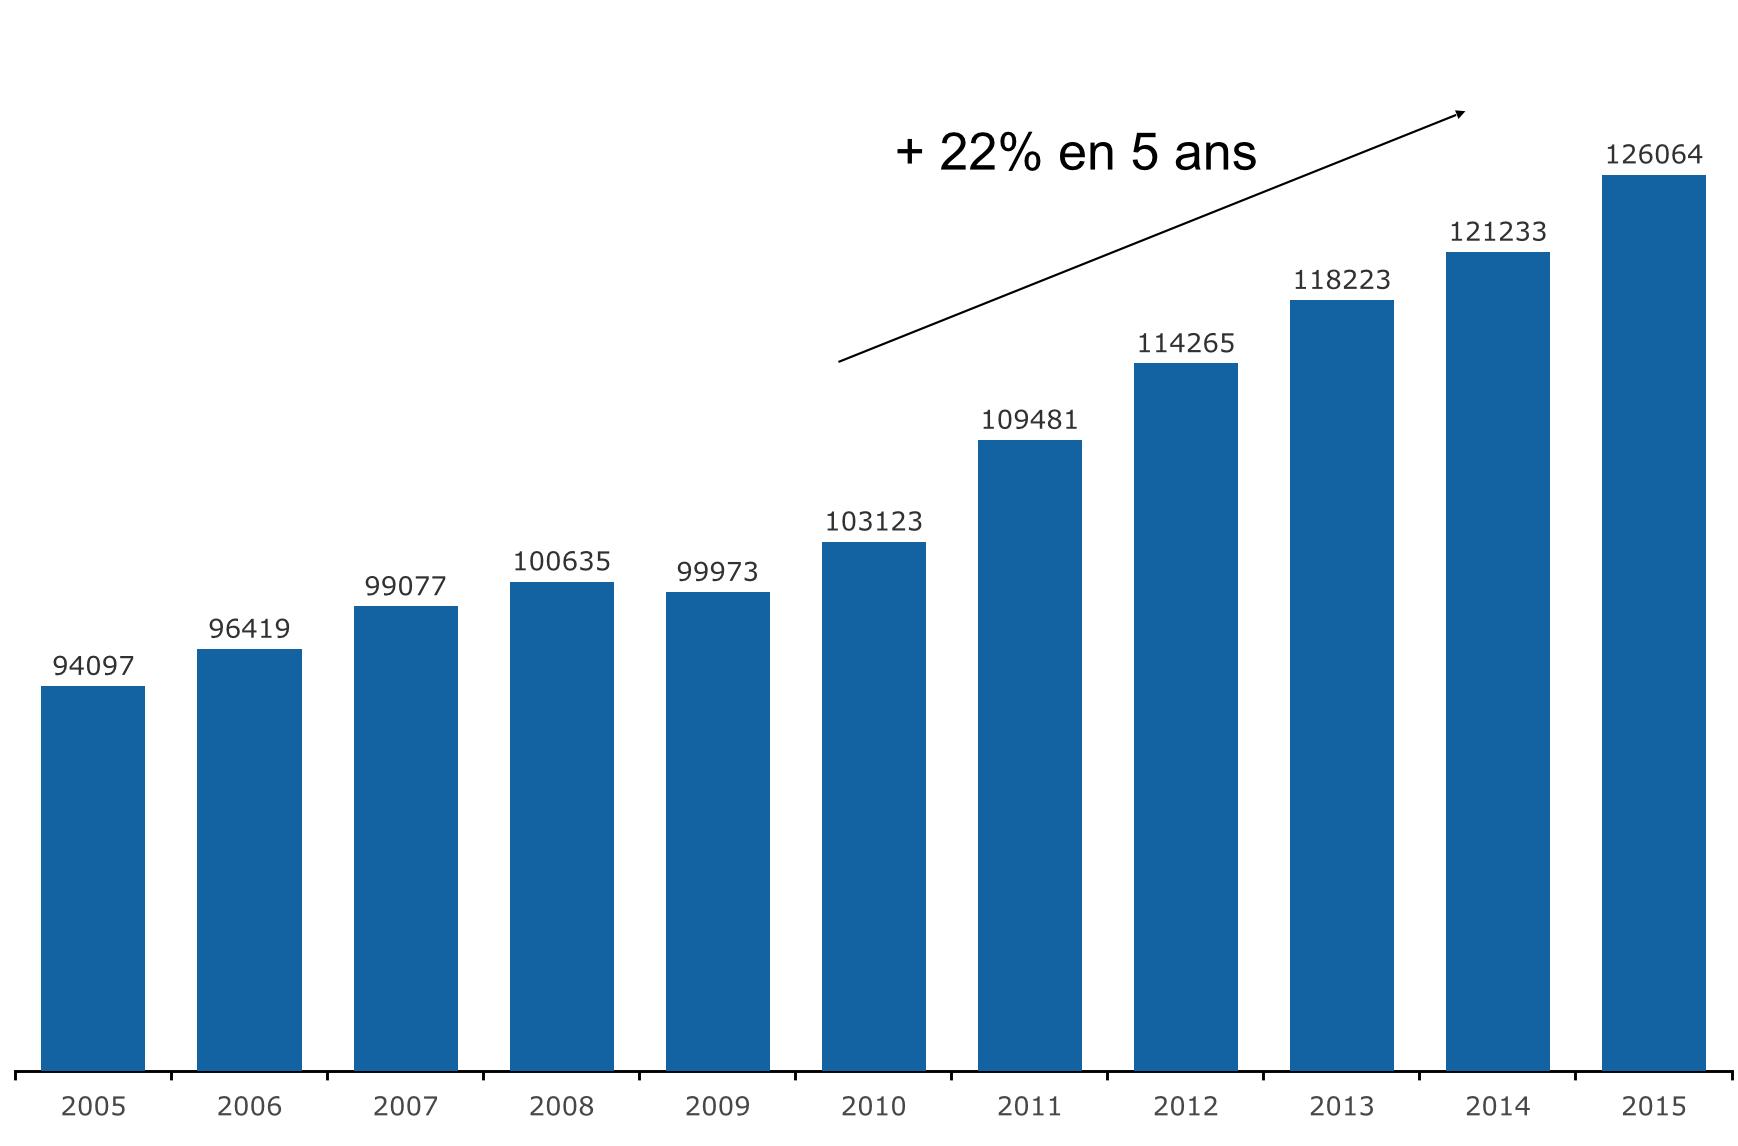 Evolution du nombre d'entreprises en ALPC